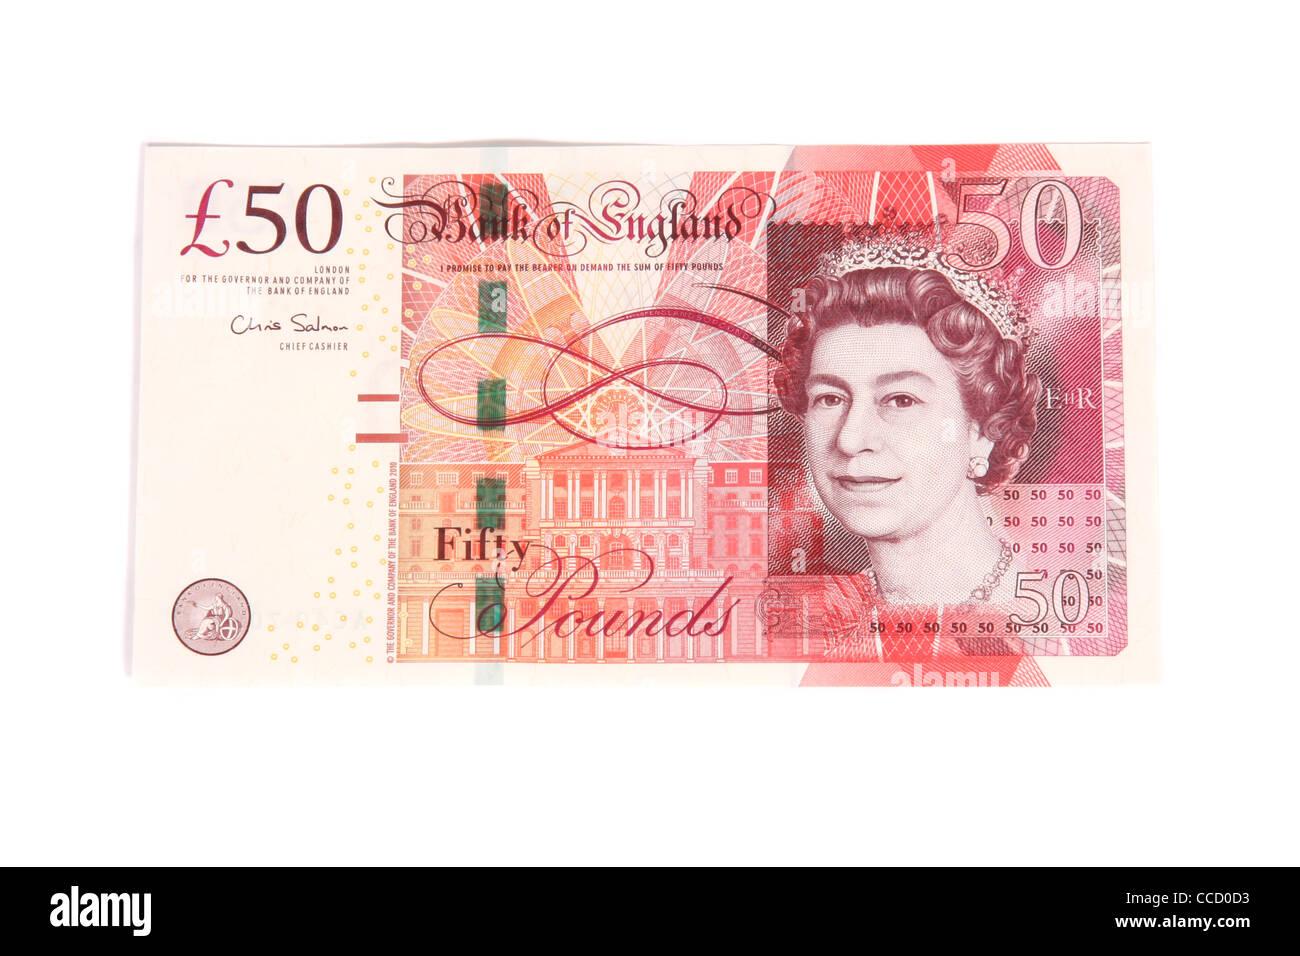 Cancelletto In Inglese : La parte anteriore di una cinquantina di cancelletto banca inglese